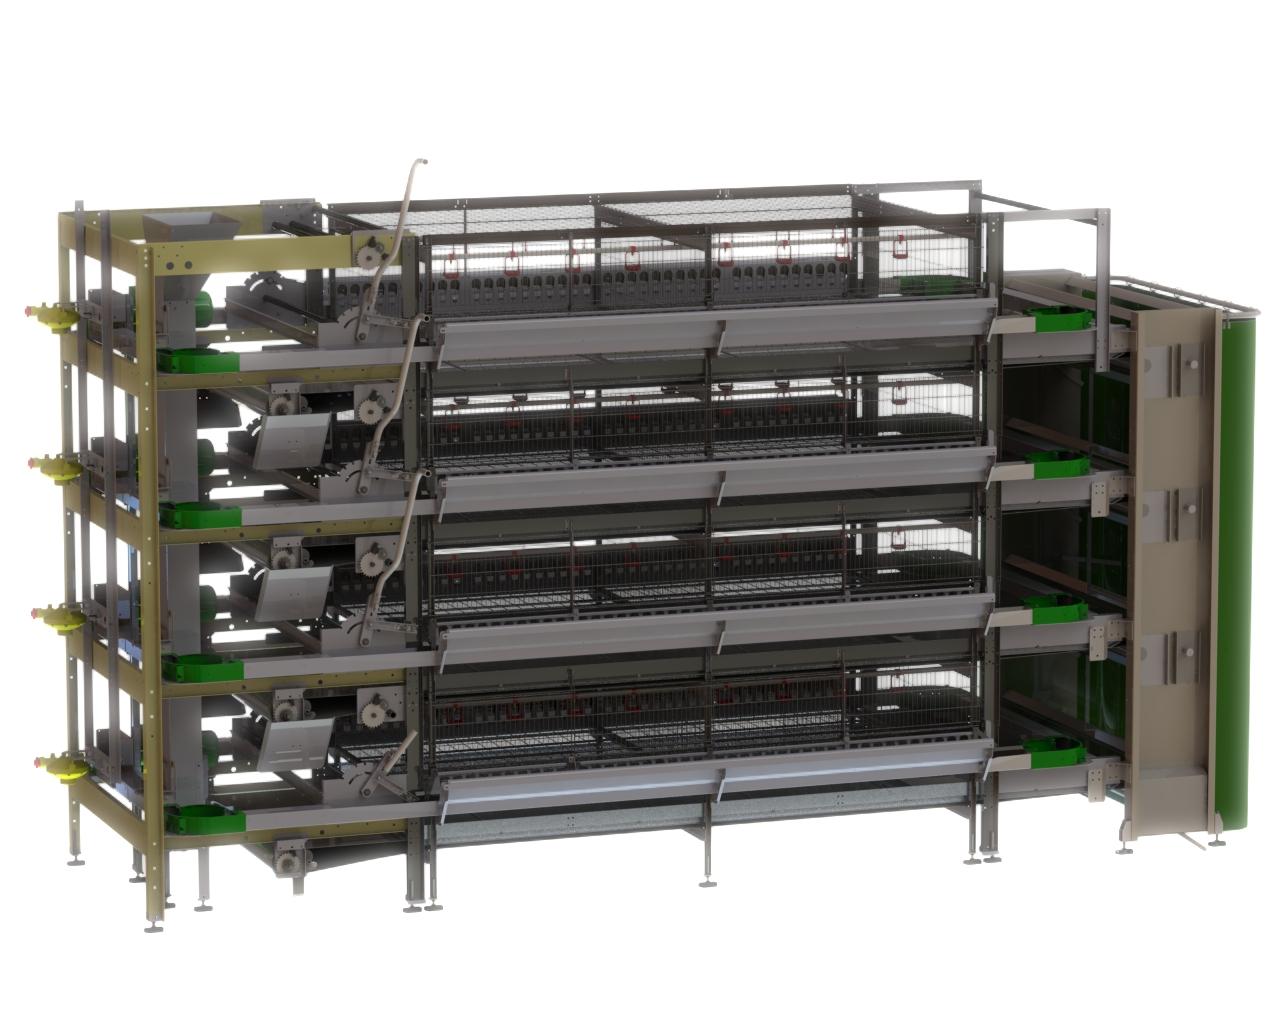 FIT Farm Innovation Team Golden Pullet Prime cage system WEB